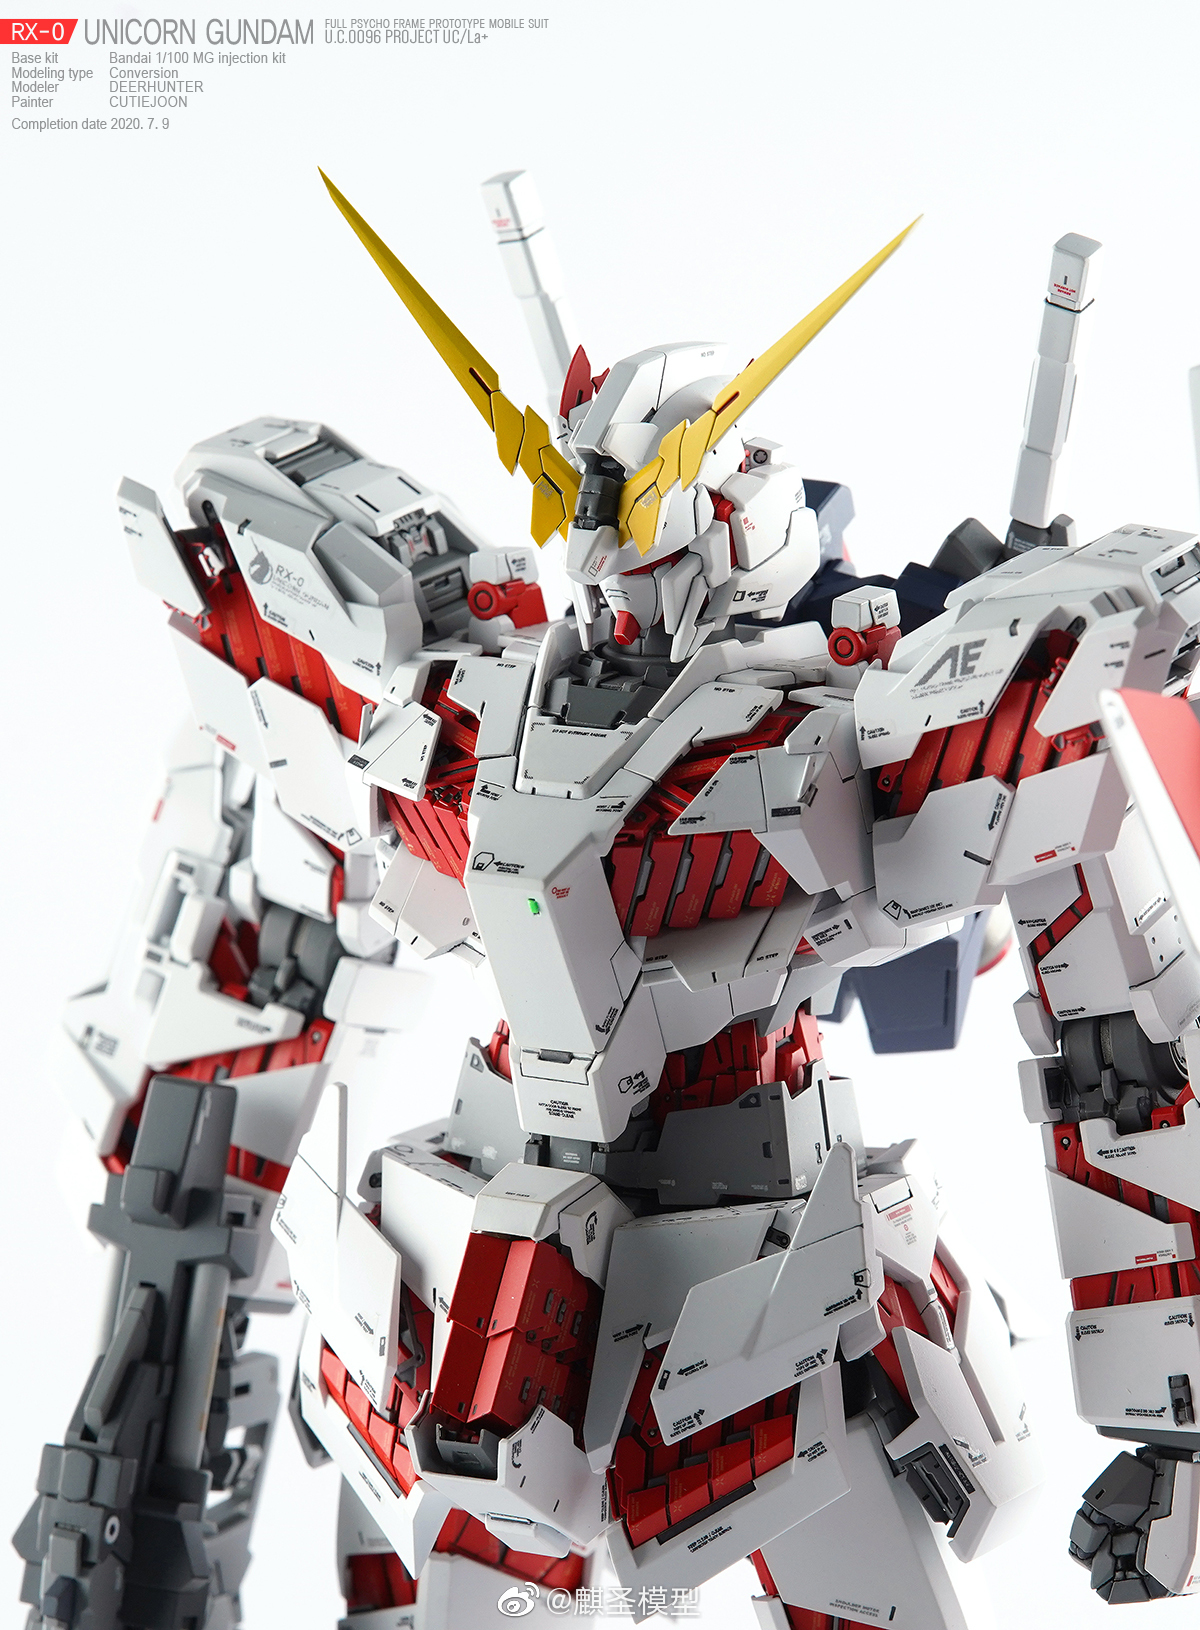 G621_unicorn_011.jpg